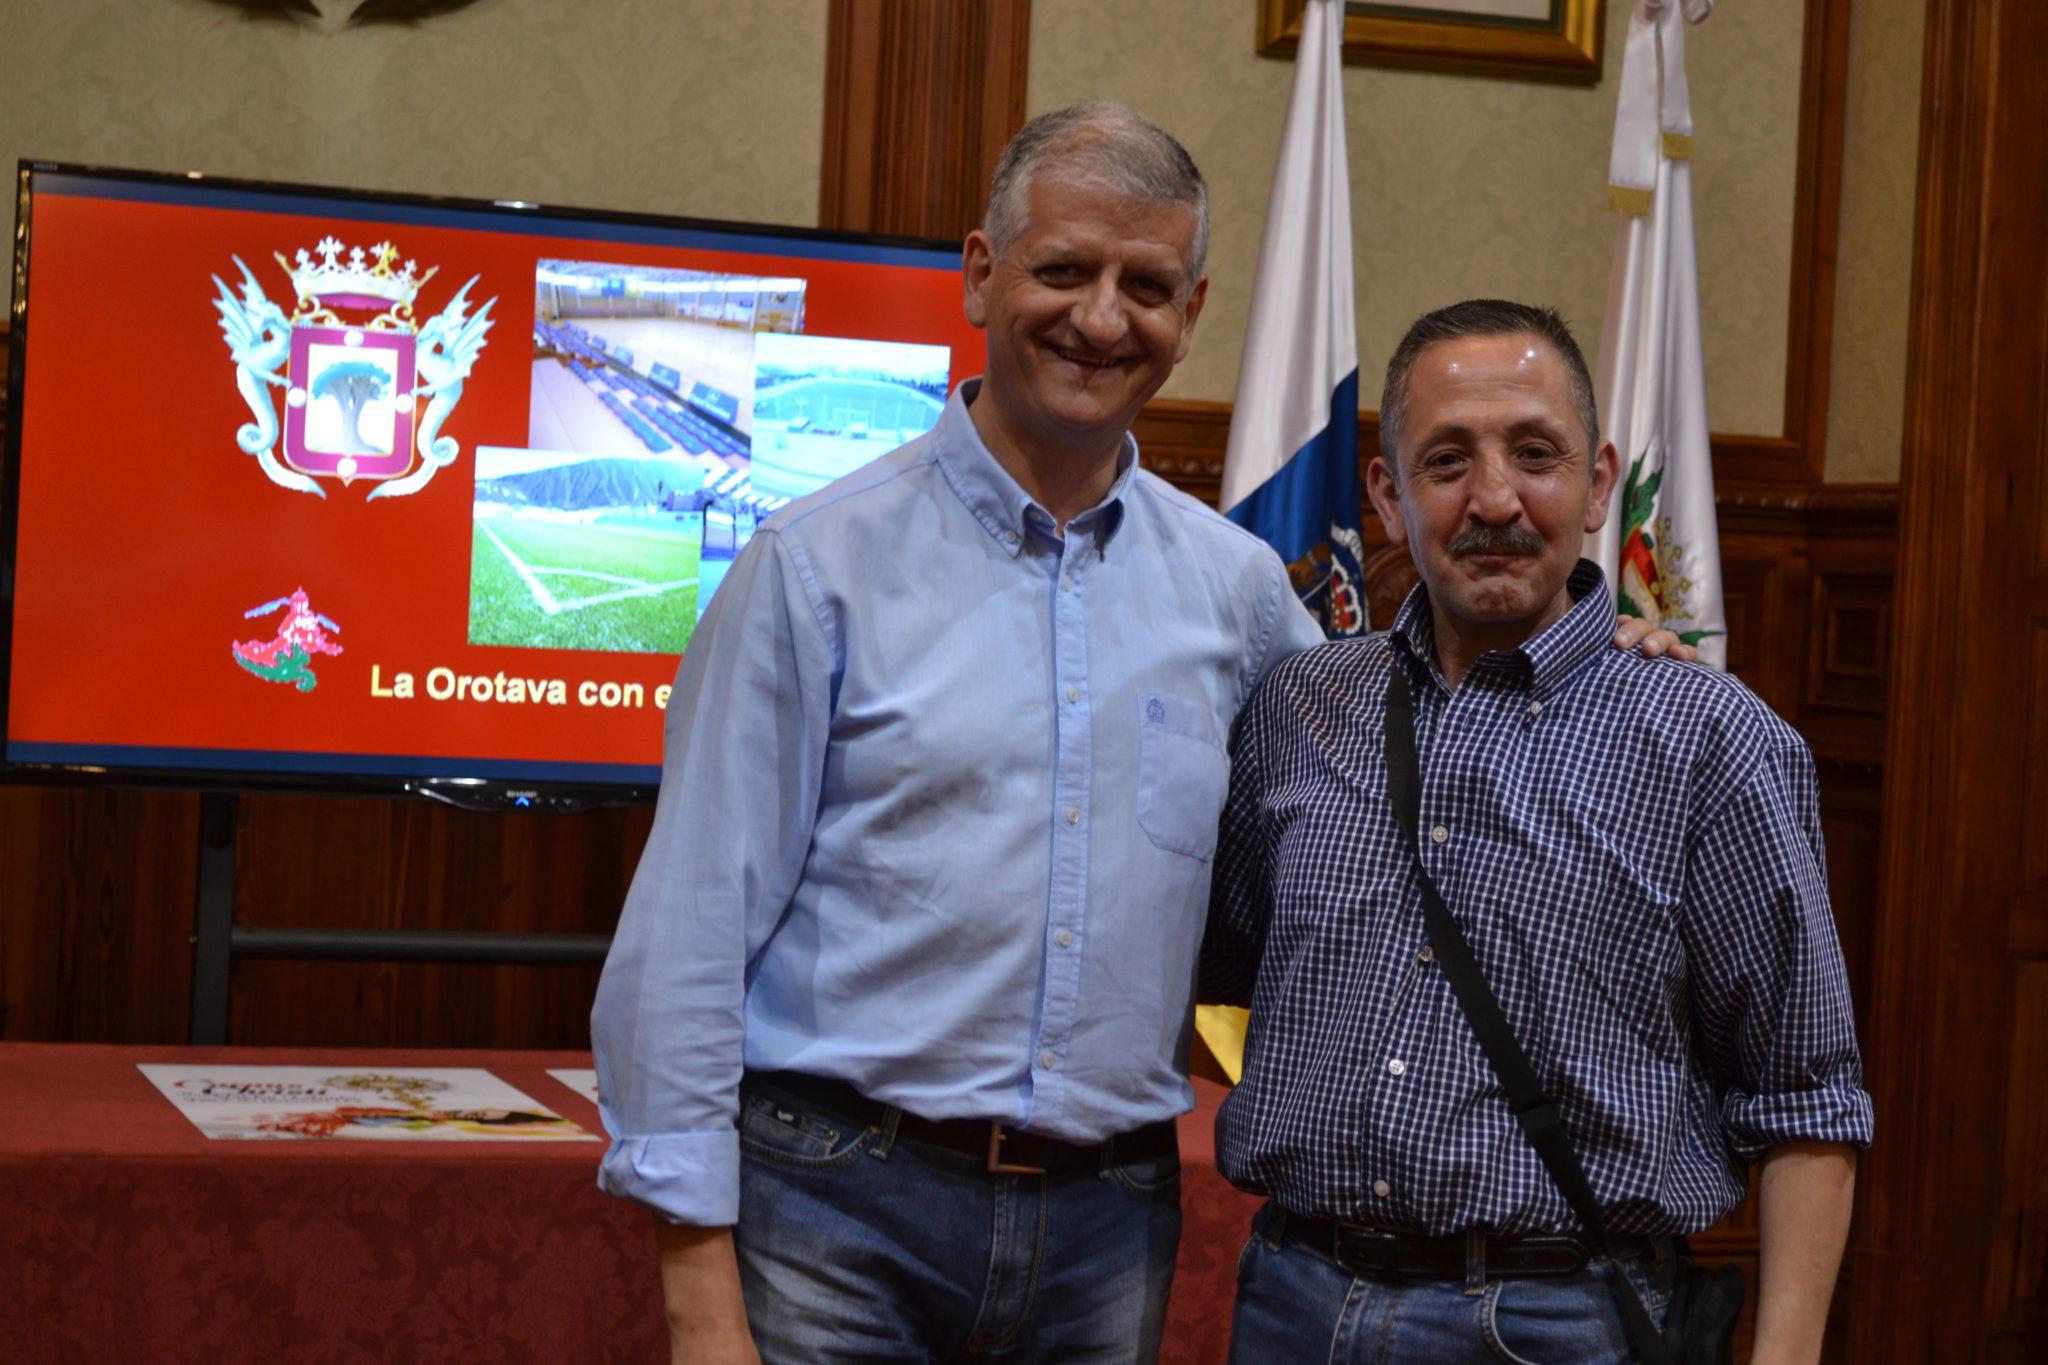 Entrega subvenciones a clubs deportivos 2014 en La Orotava